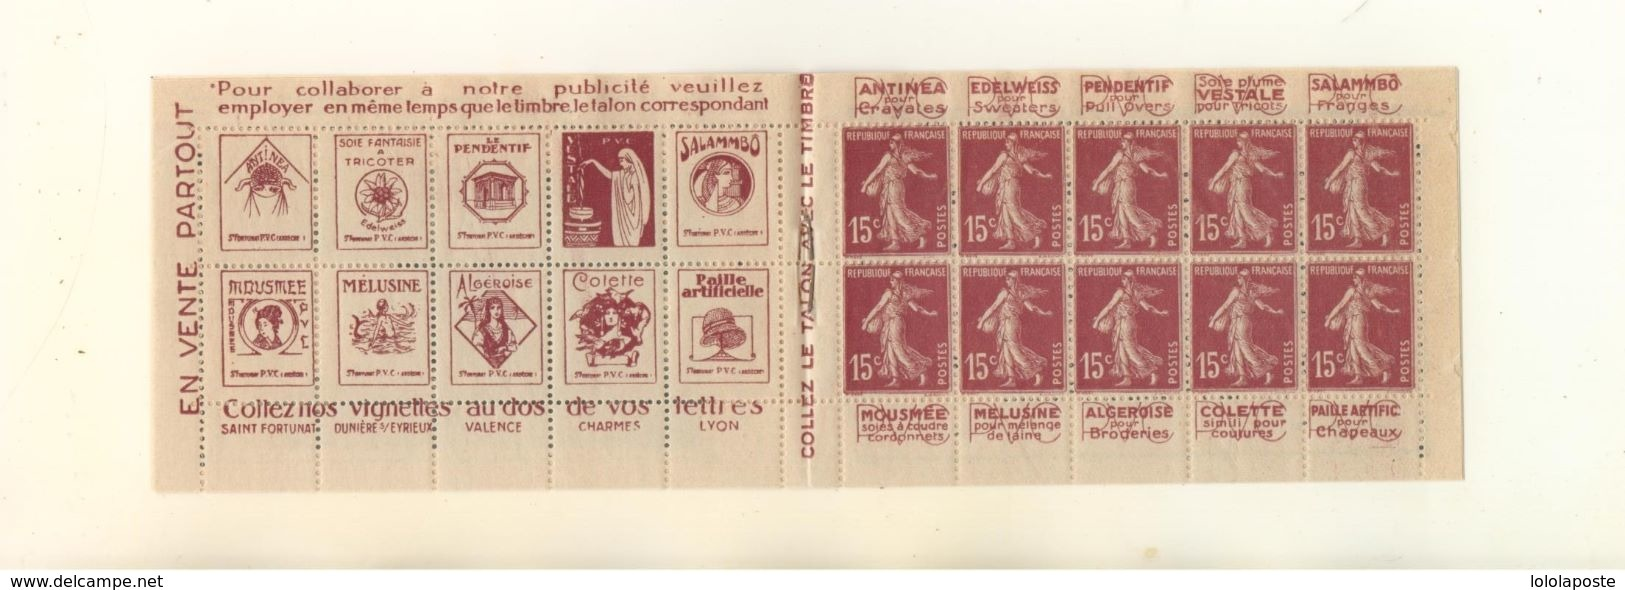 FRANCE - Carnet Pub N°189 C1 - Fraicheur Postale, Complet Avec Ses Feuilles Cristal De Protection - Gomme Altérée - Carnets